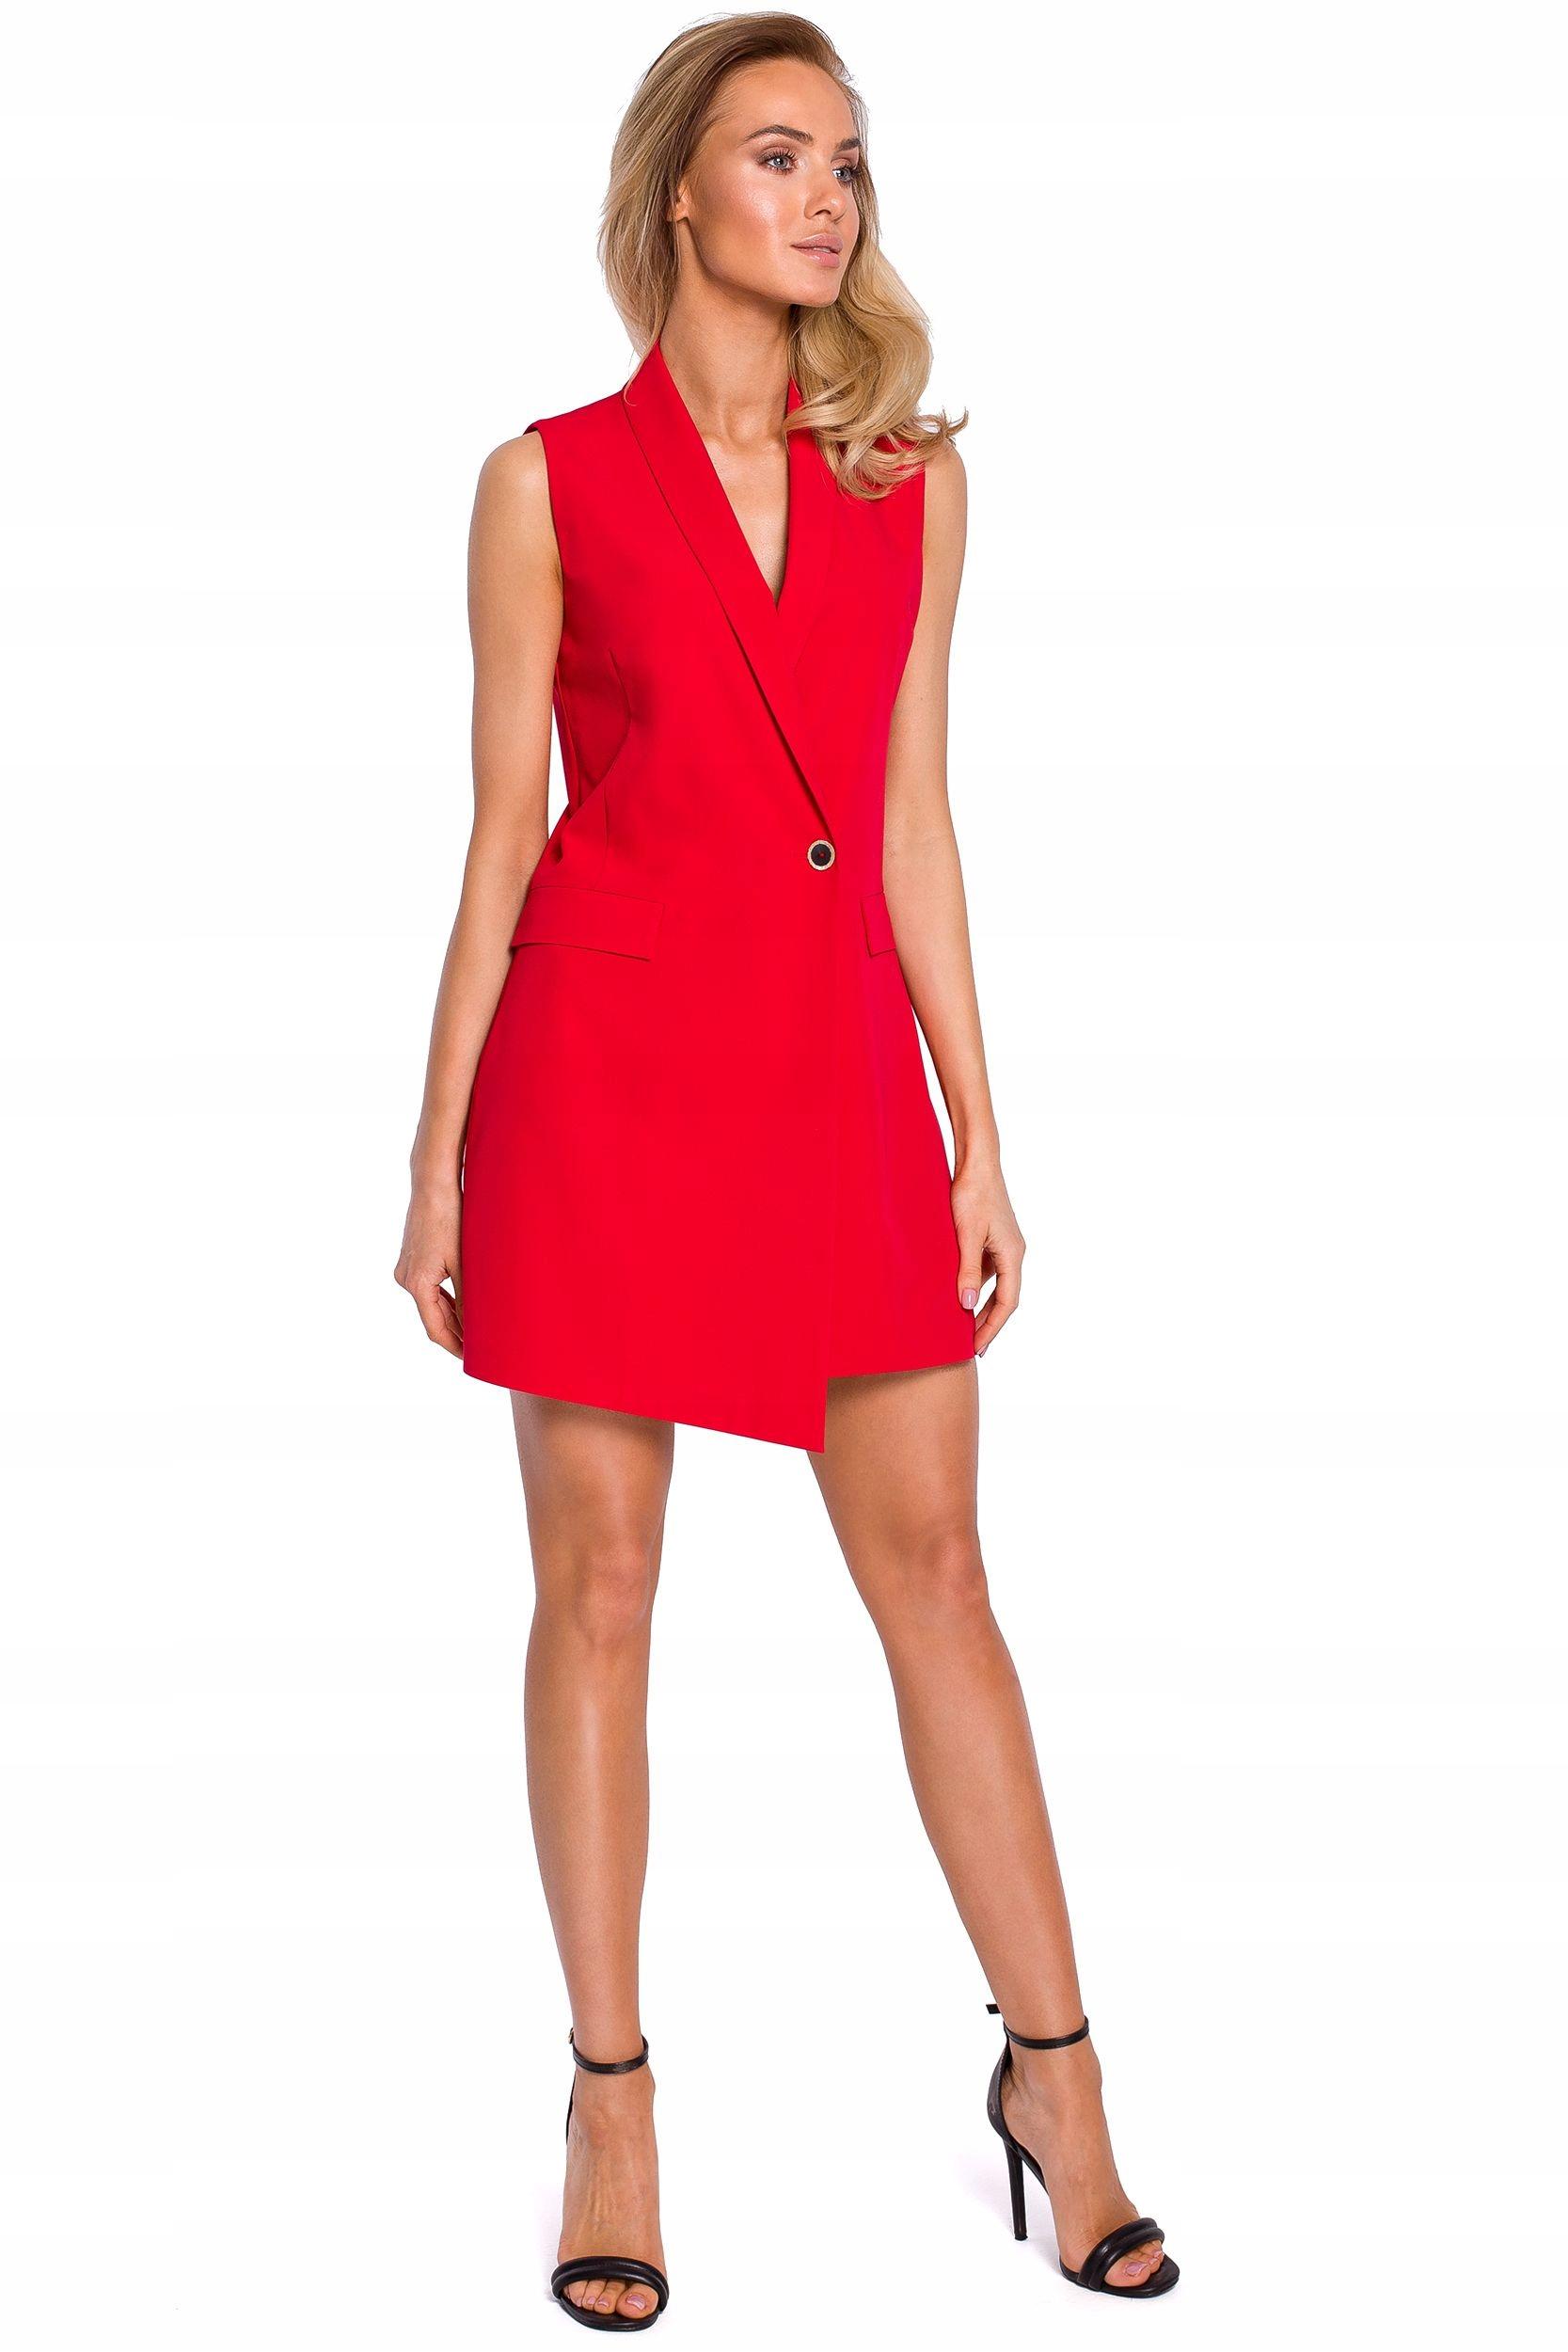 M439 Sukienka żakietowa bez rękawów - czerwona 44